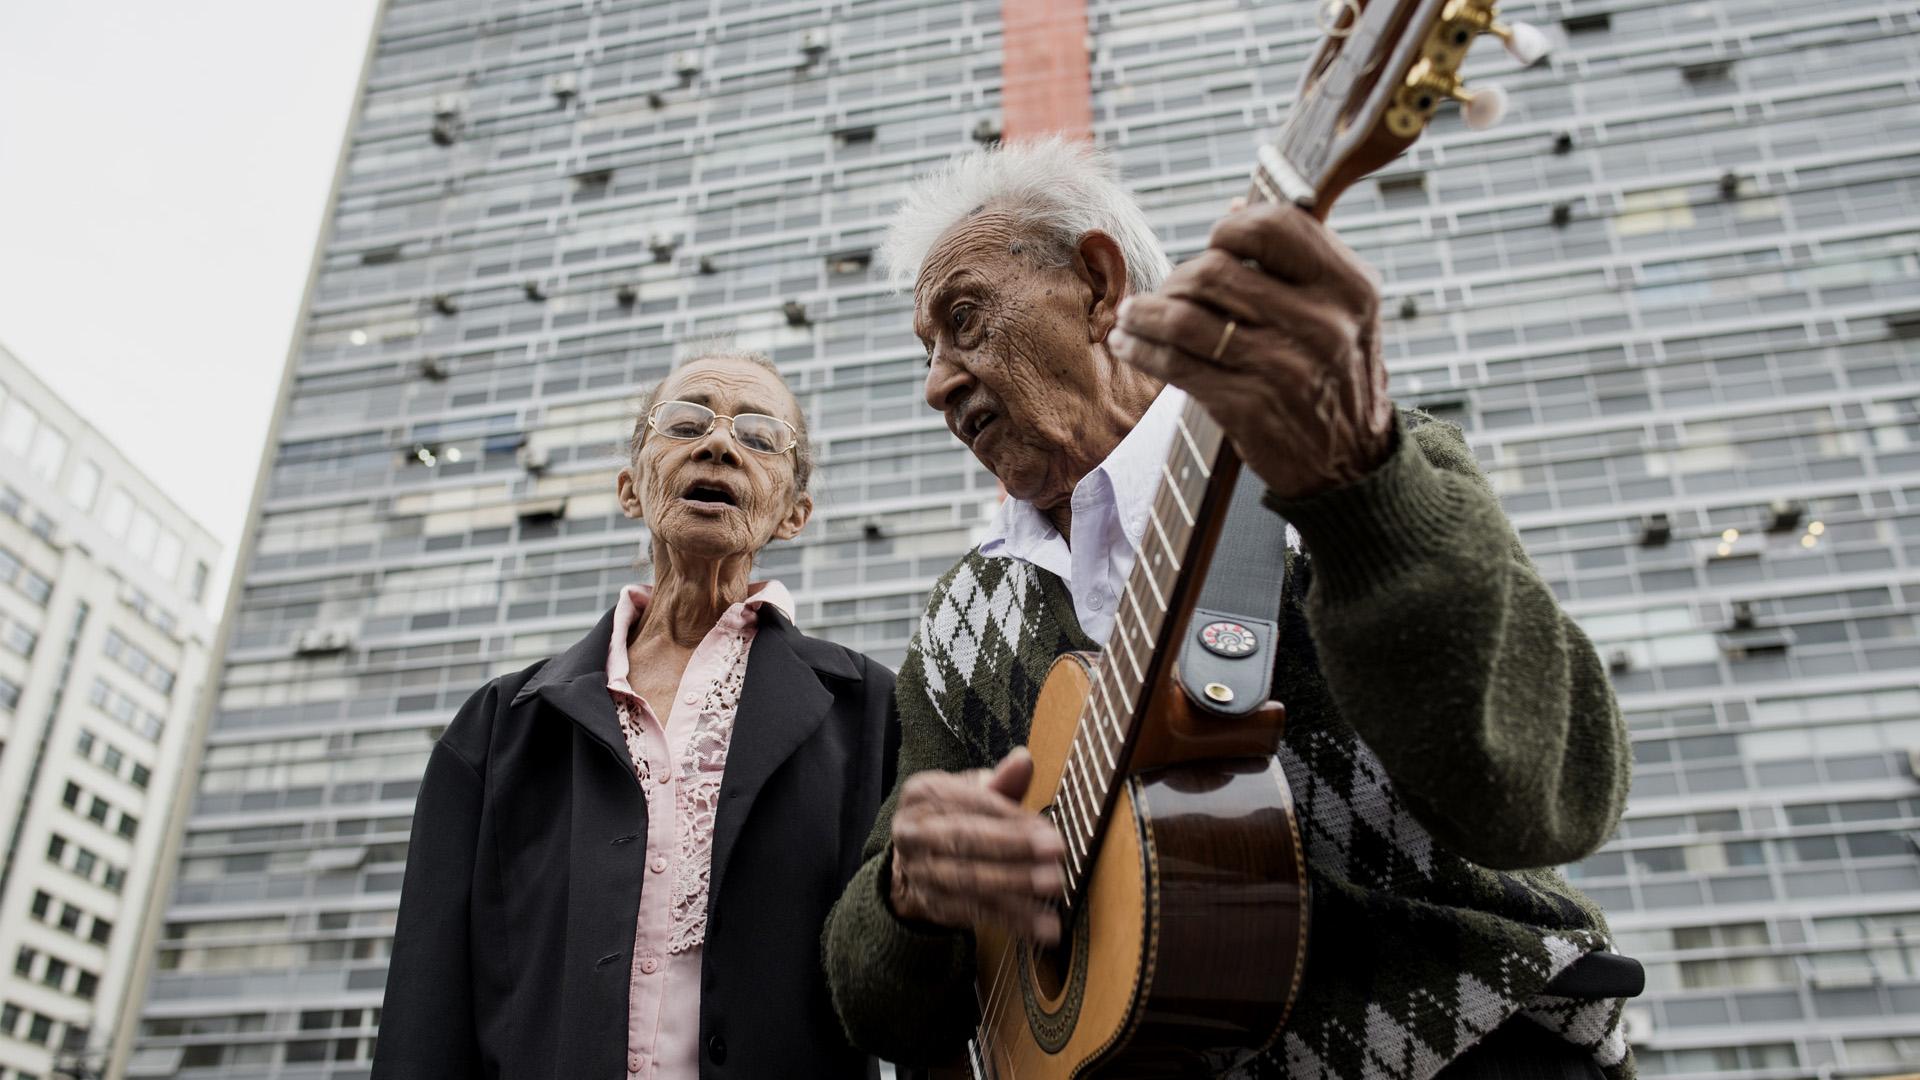 Anor Cândido Marques e Ana Maria da Silva Marques, da dupla Marquinho da Viola e Ana Maria, no viaduto Santa Efigênia